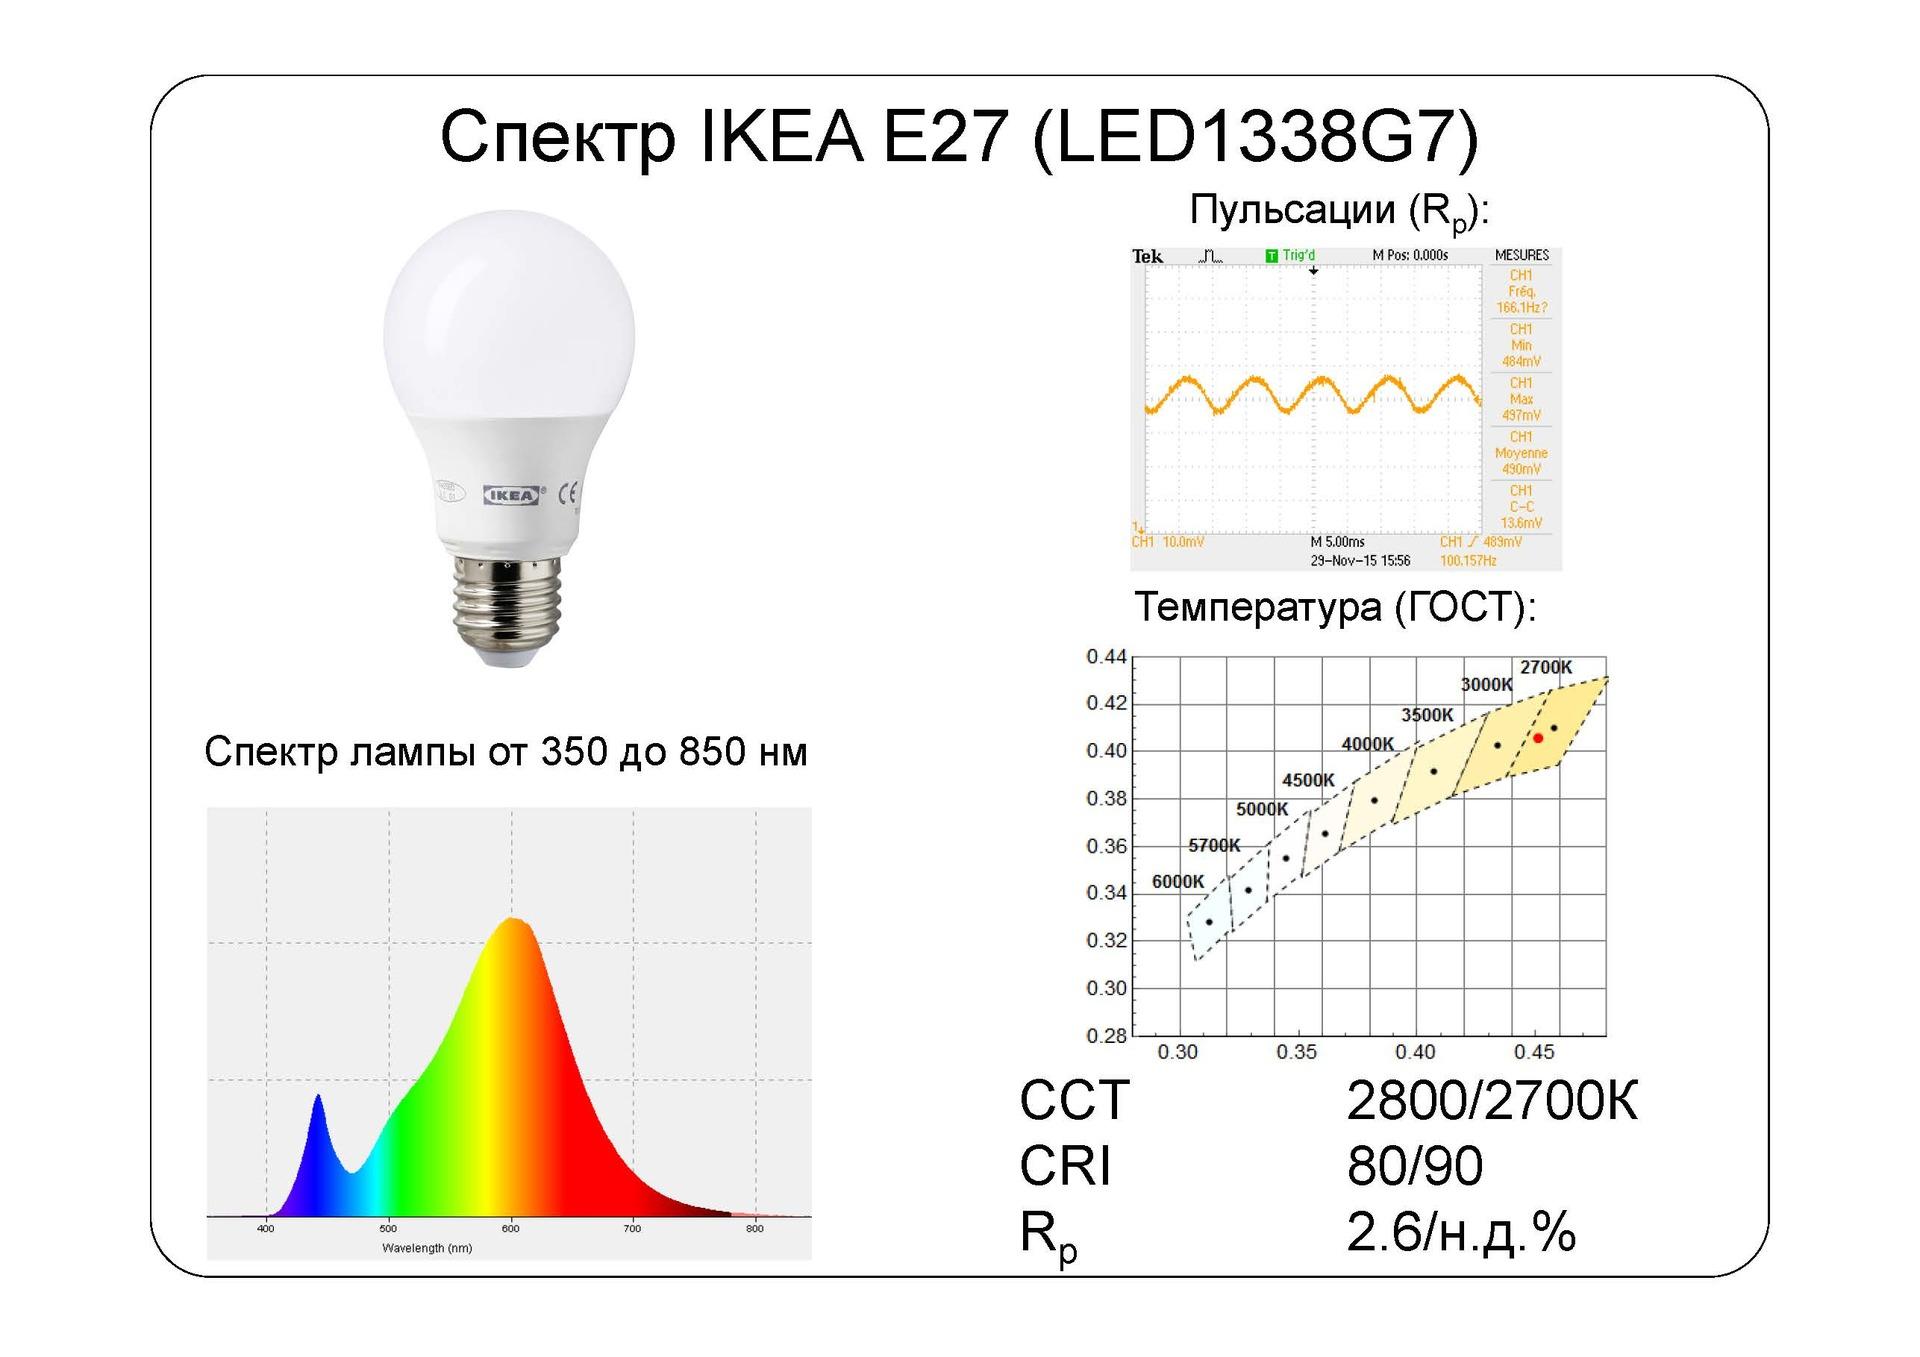 Взгляд изнутри: IKEA LED наносит ответный удар - 2